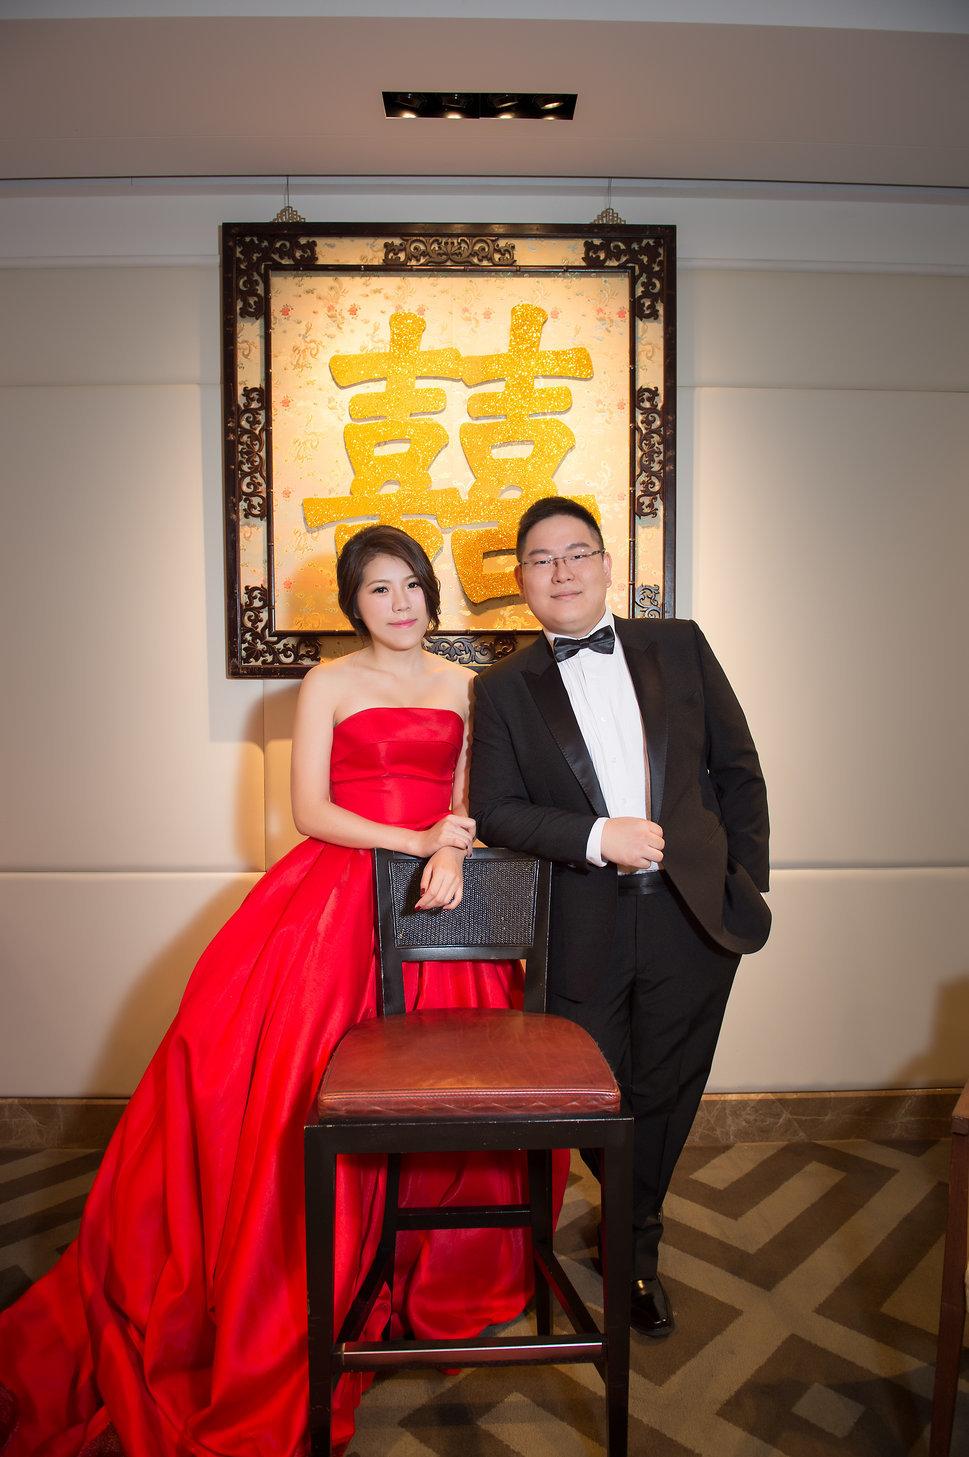 [台北婚攝] 文定婚禮紀錄@台北君悅酒店(編號:432025) - LoveStoryAllen IMAGE - 結婚吧一站式婚禮服務平台